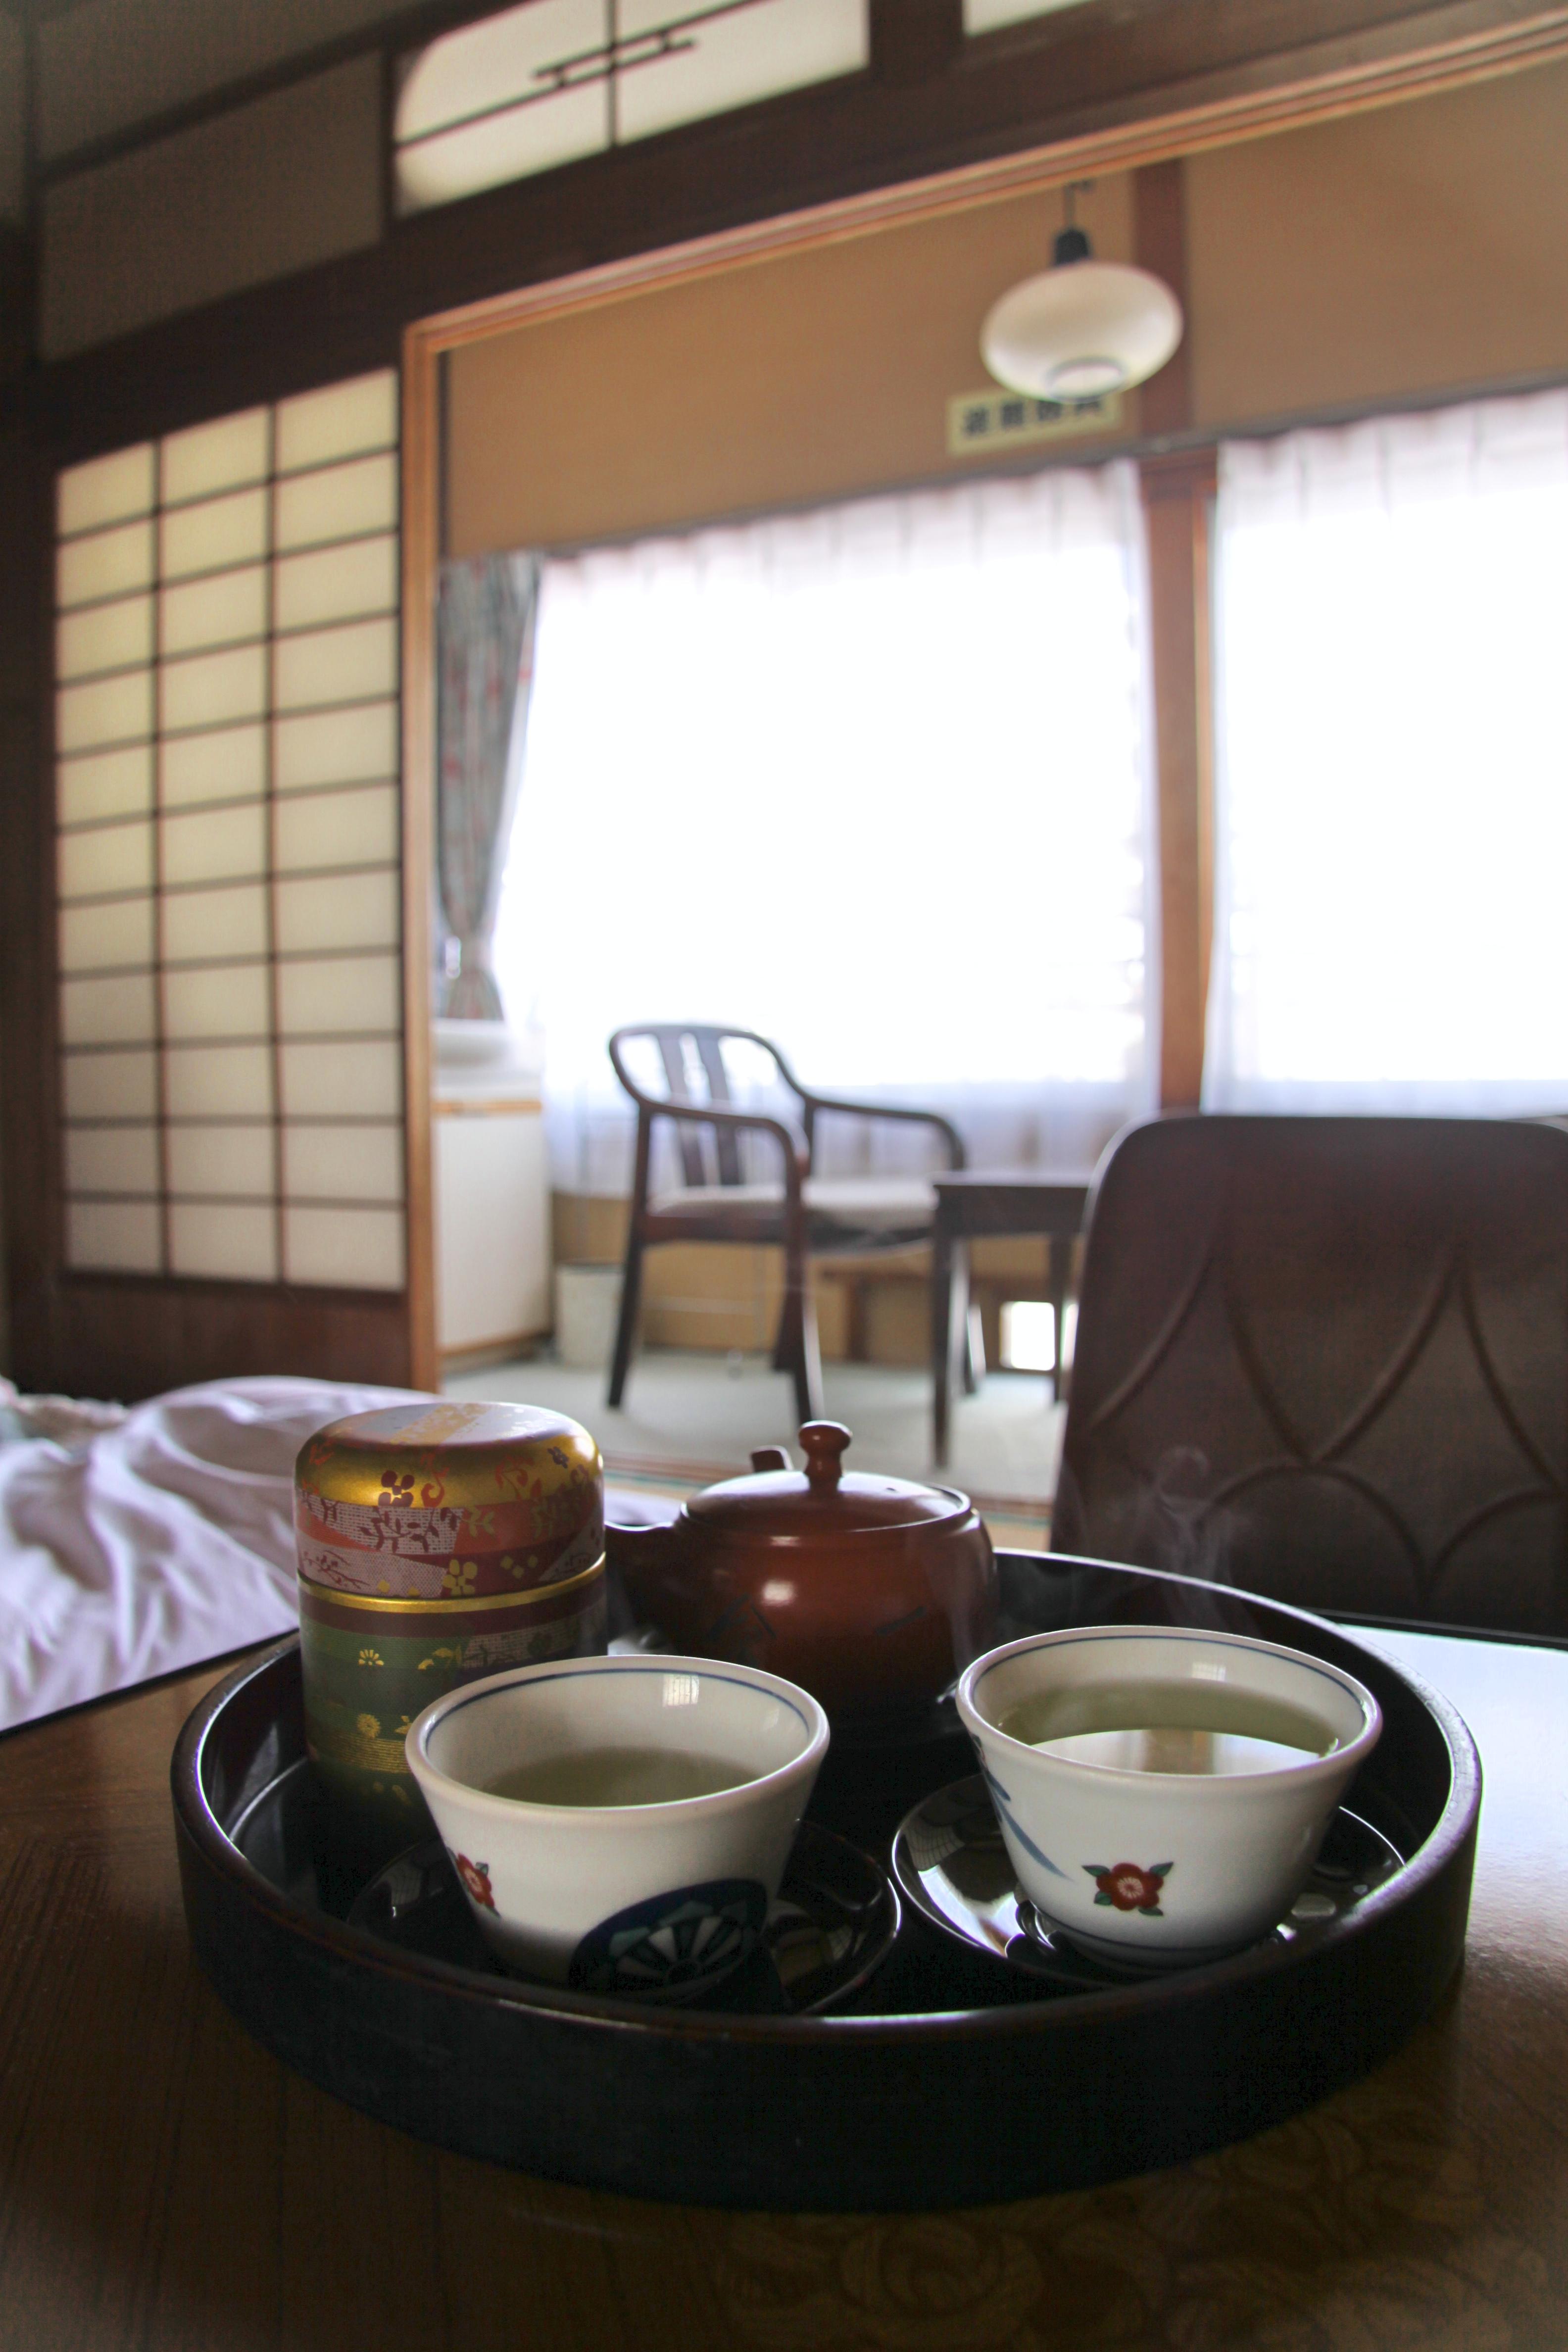 Une nuit dans un ryokan l hospitalité japonaise  son meilleur